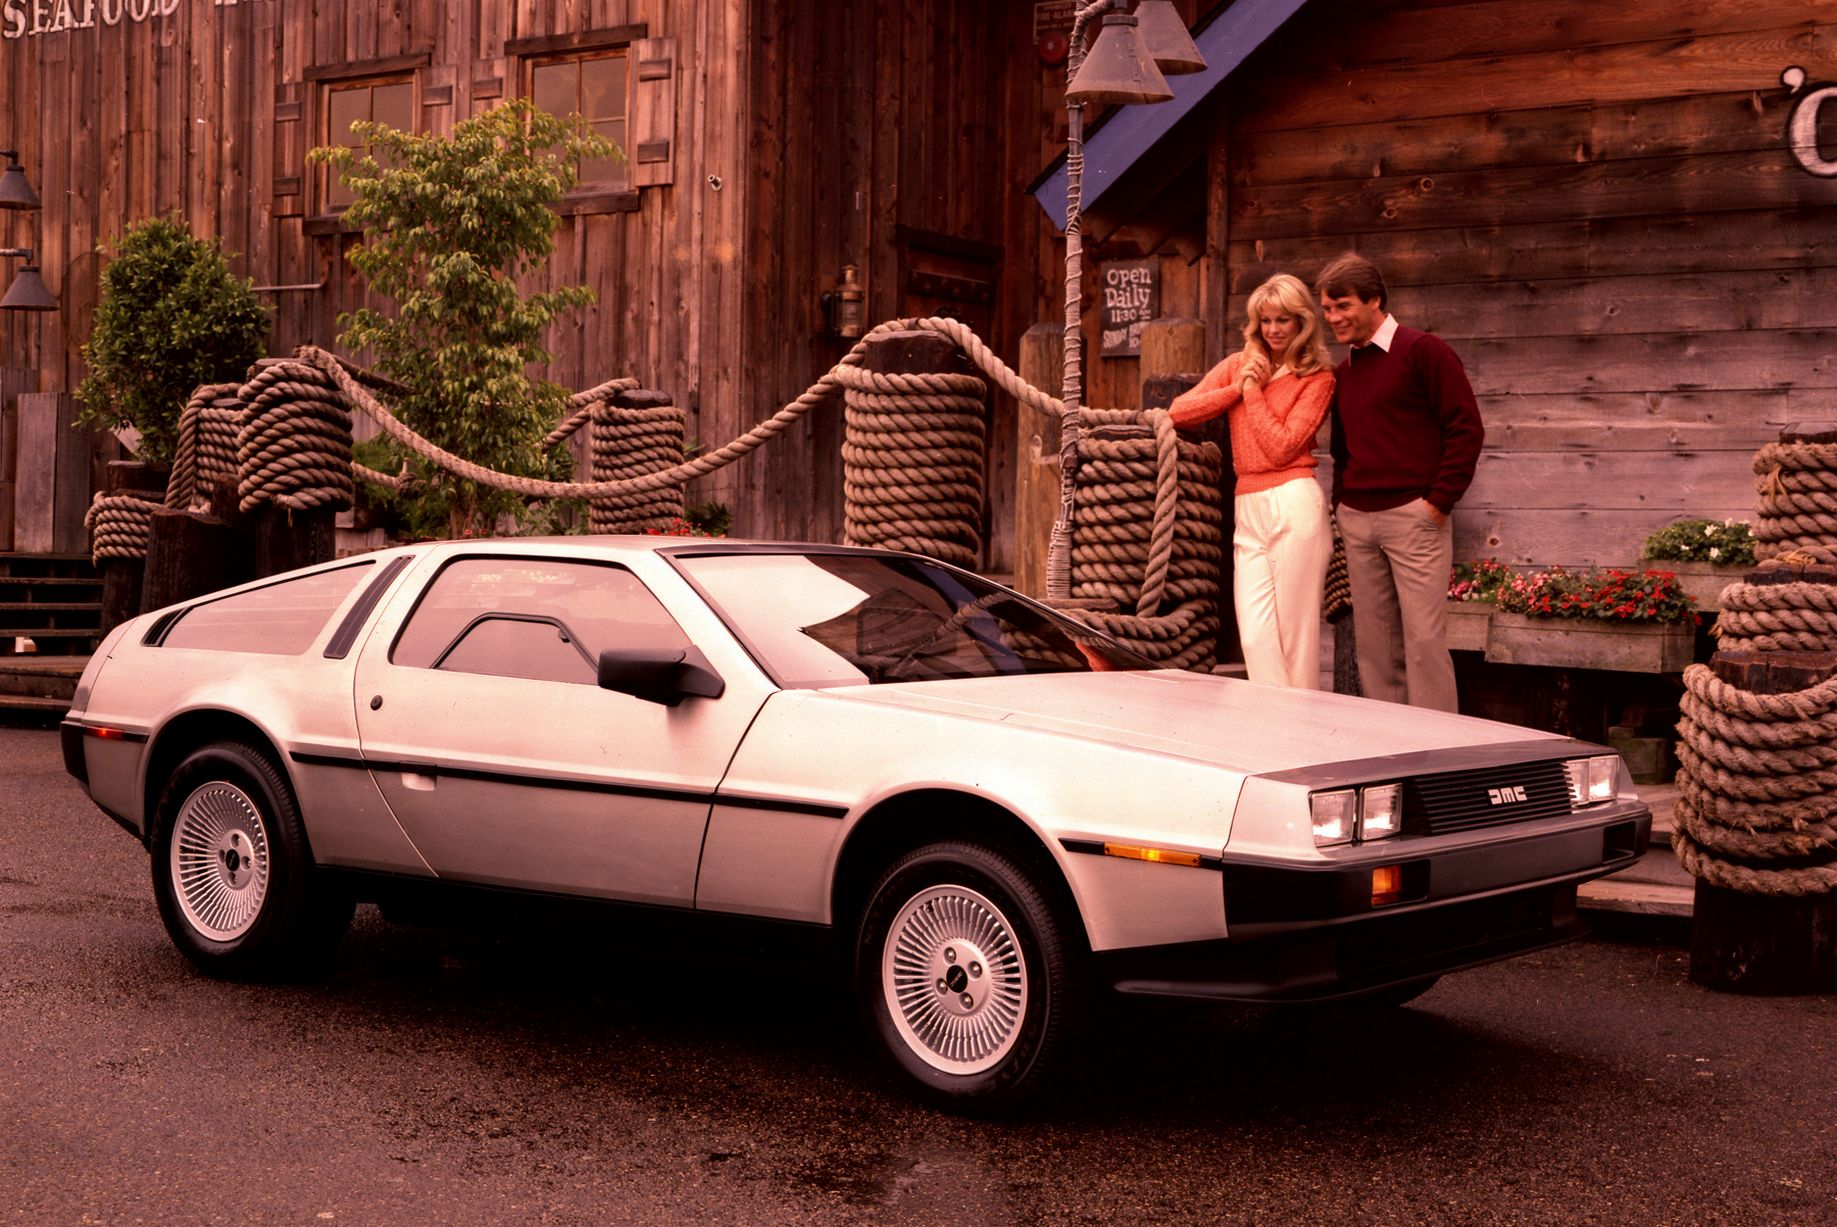 Et forventningsfullt par stirrer fornøyd på sin nye DeLorean. Om de var like fornøyd etter å ha inspisert den nærmere, sier historien ingenting om…